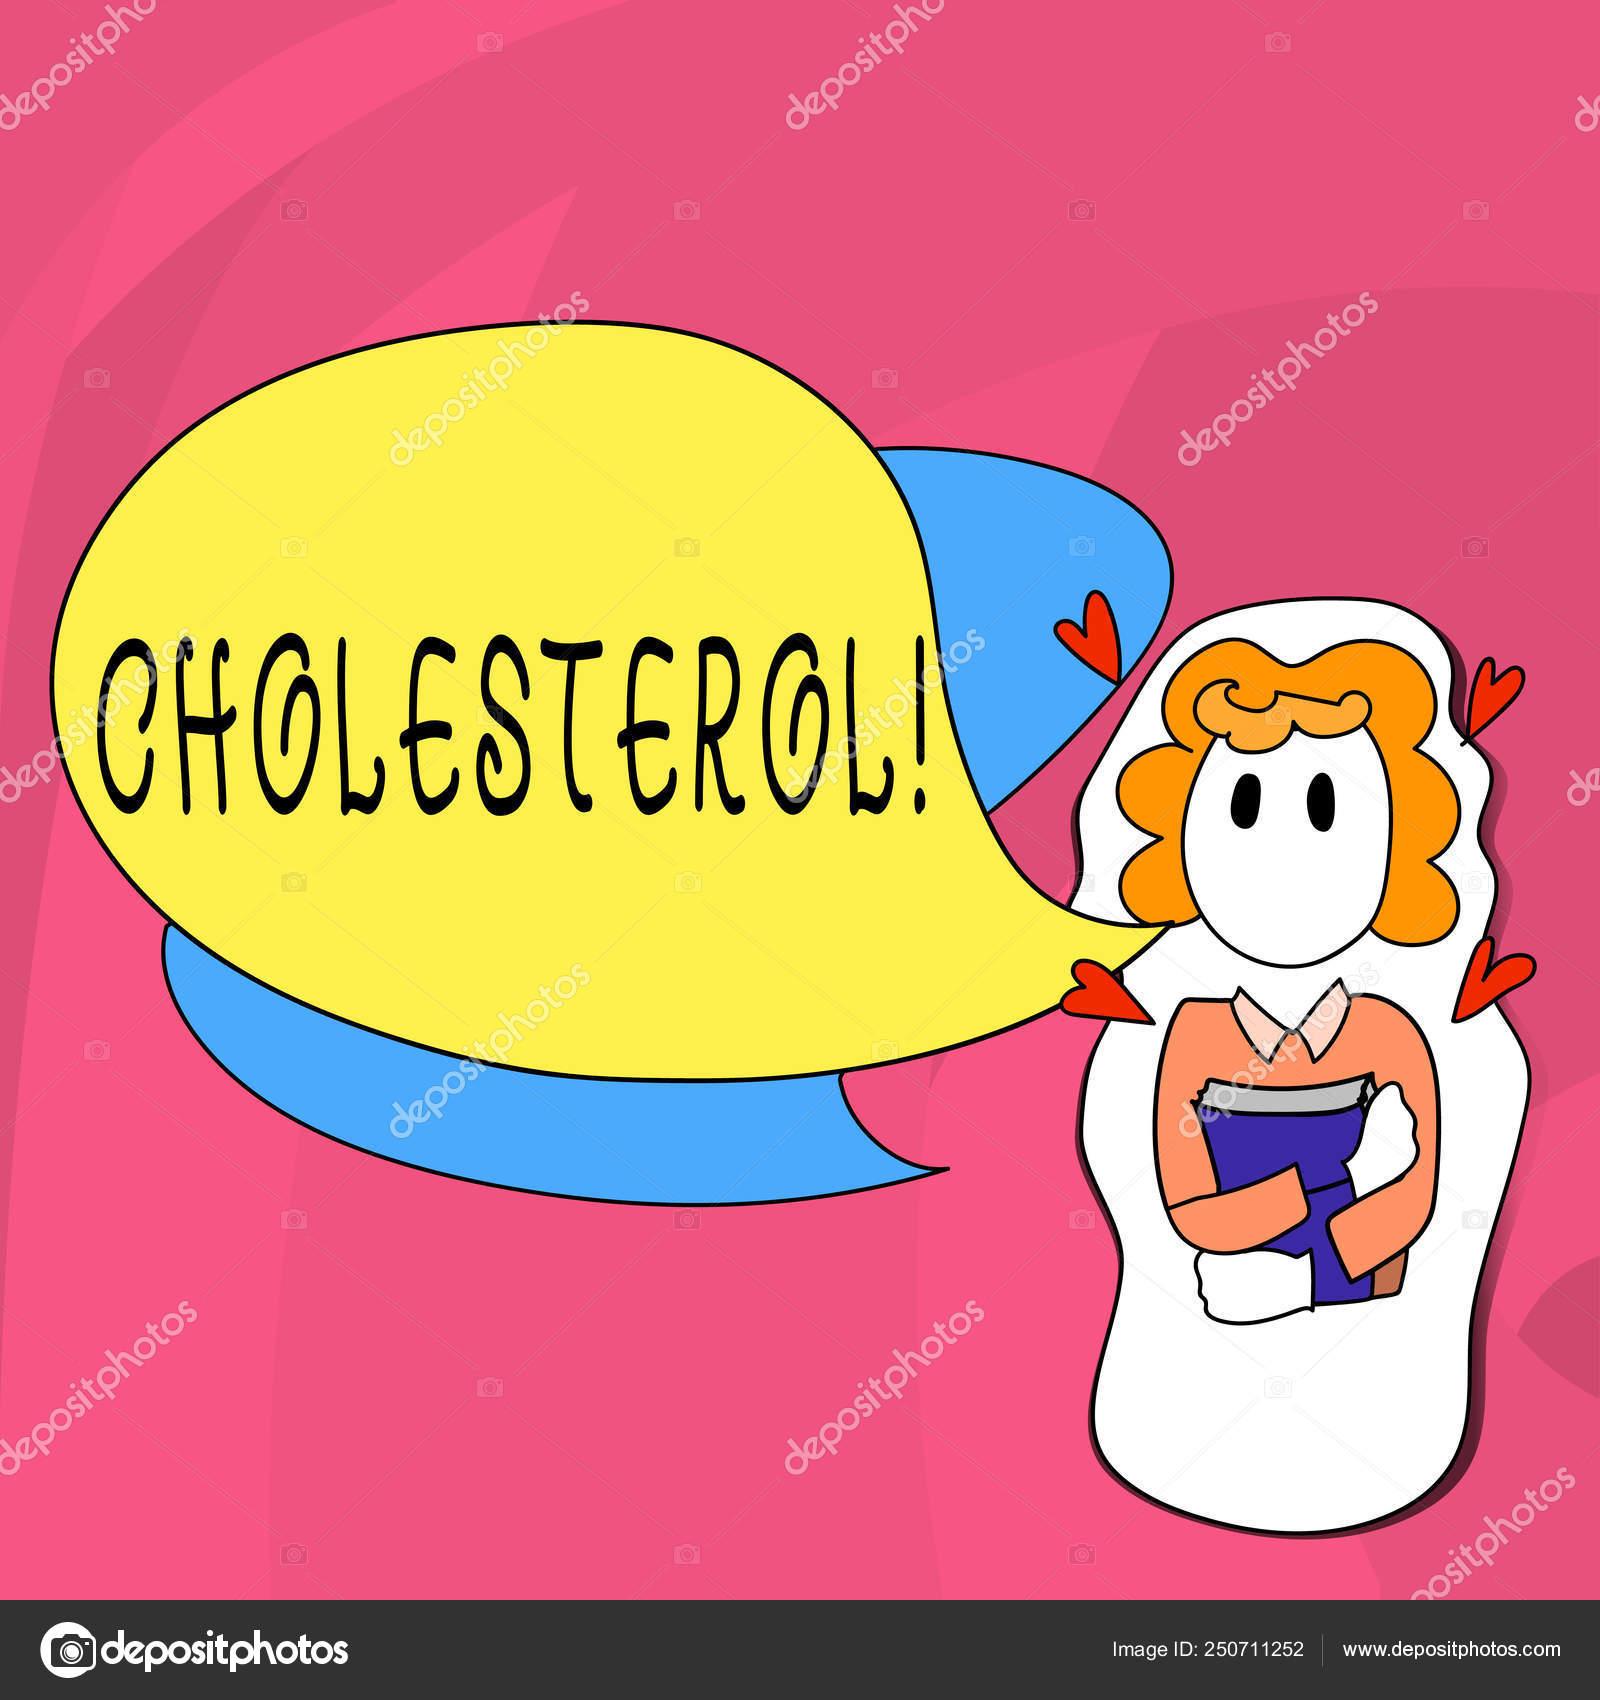 Colesterol de lipoproteinas de baja densidad